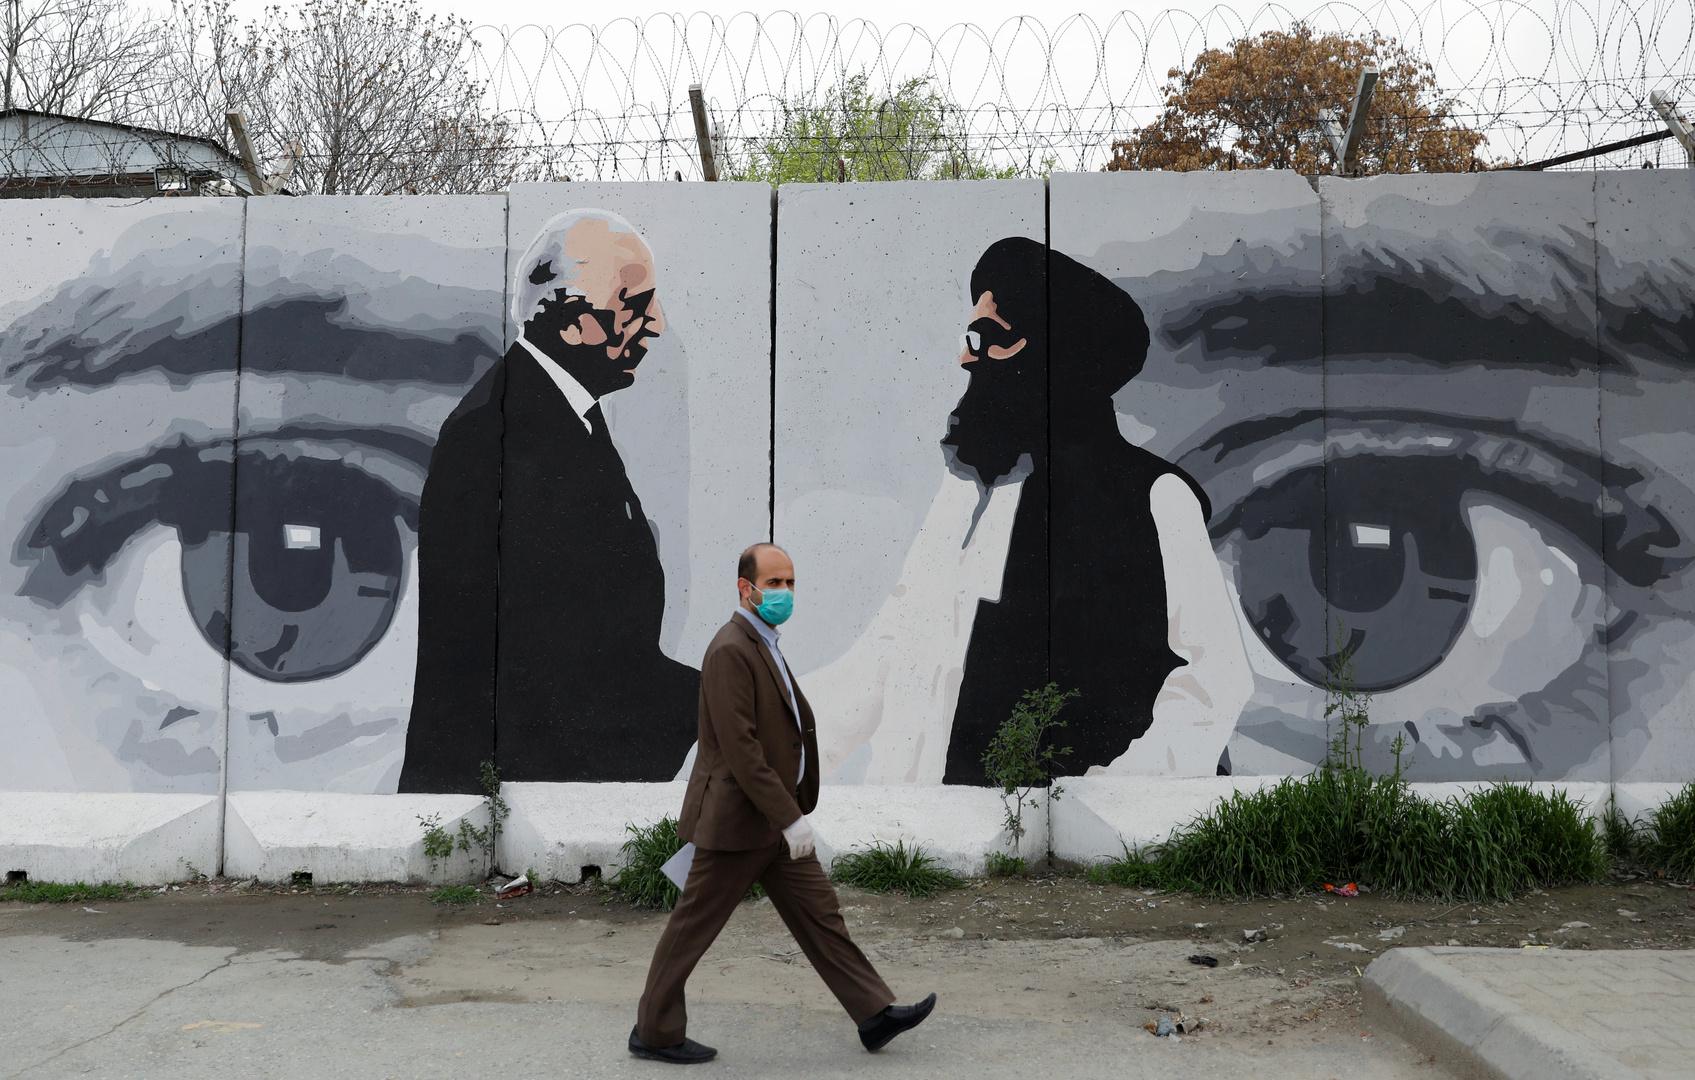 المبعوث الأمريكي الخاص يبحث سبل تسريع عملية السلام في أفغانستان